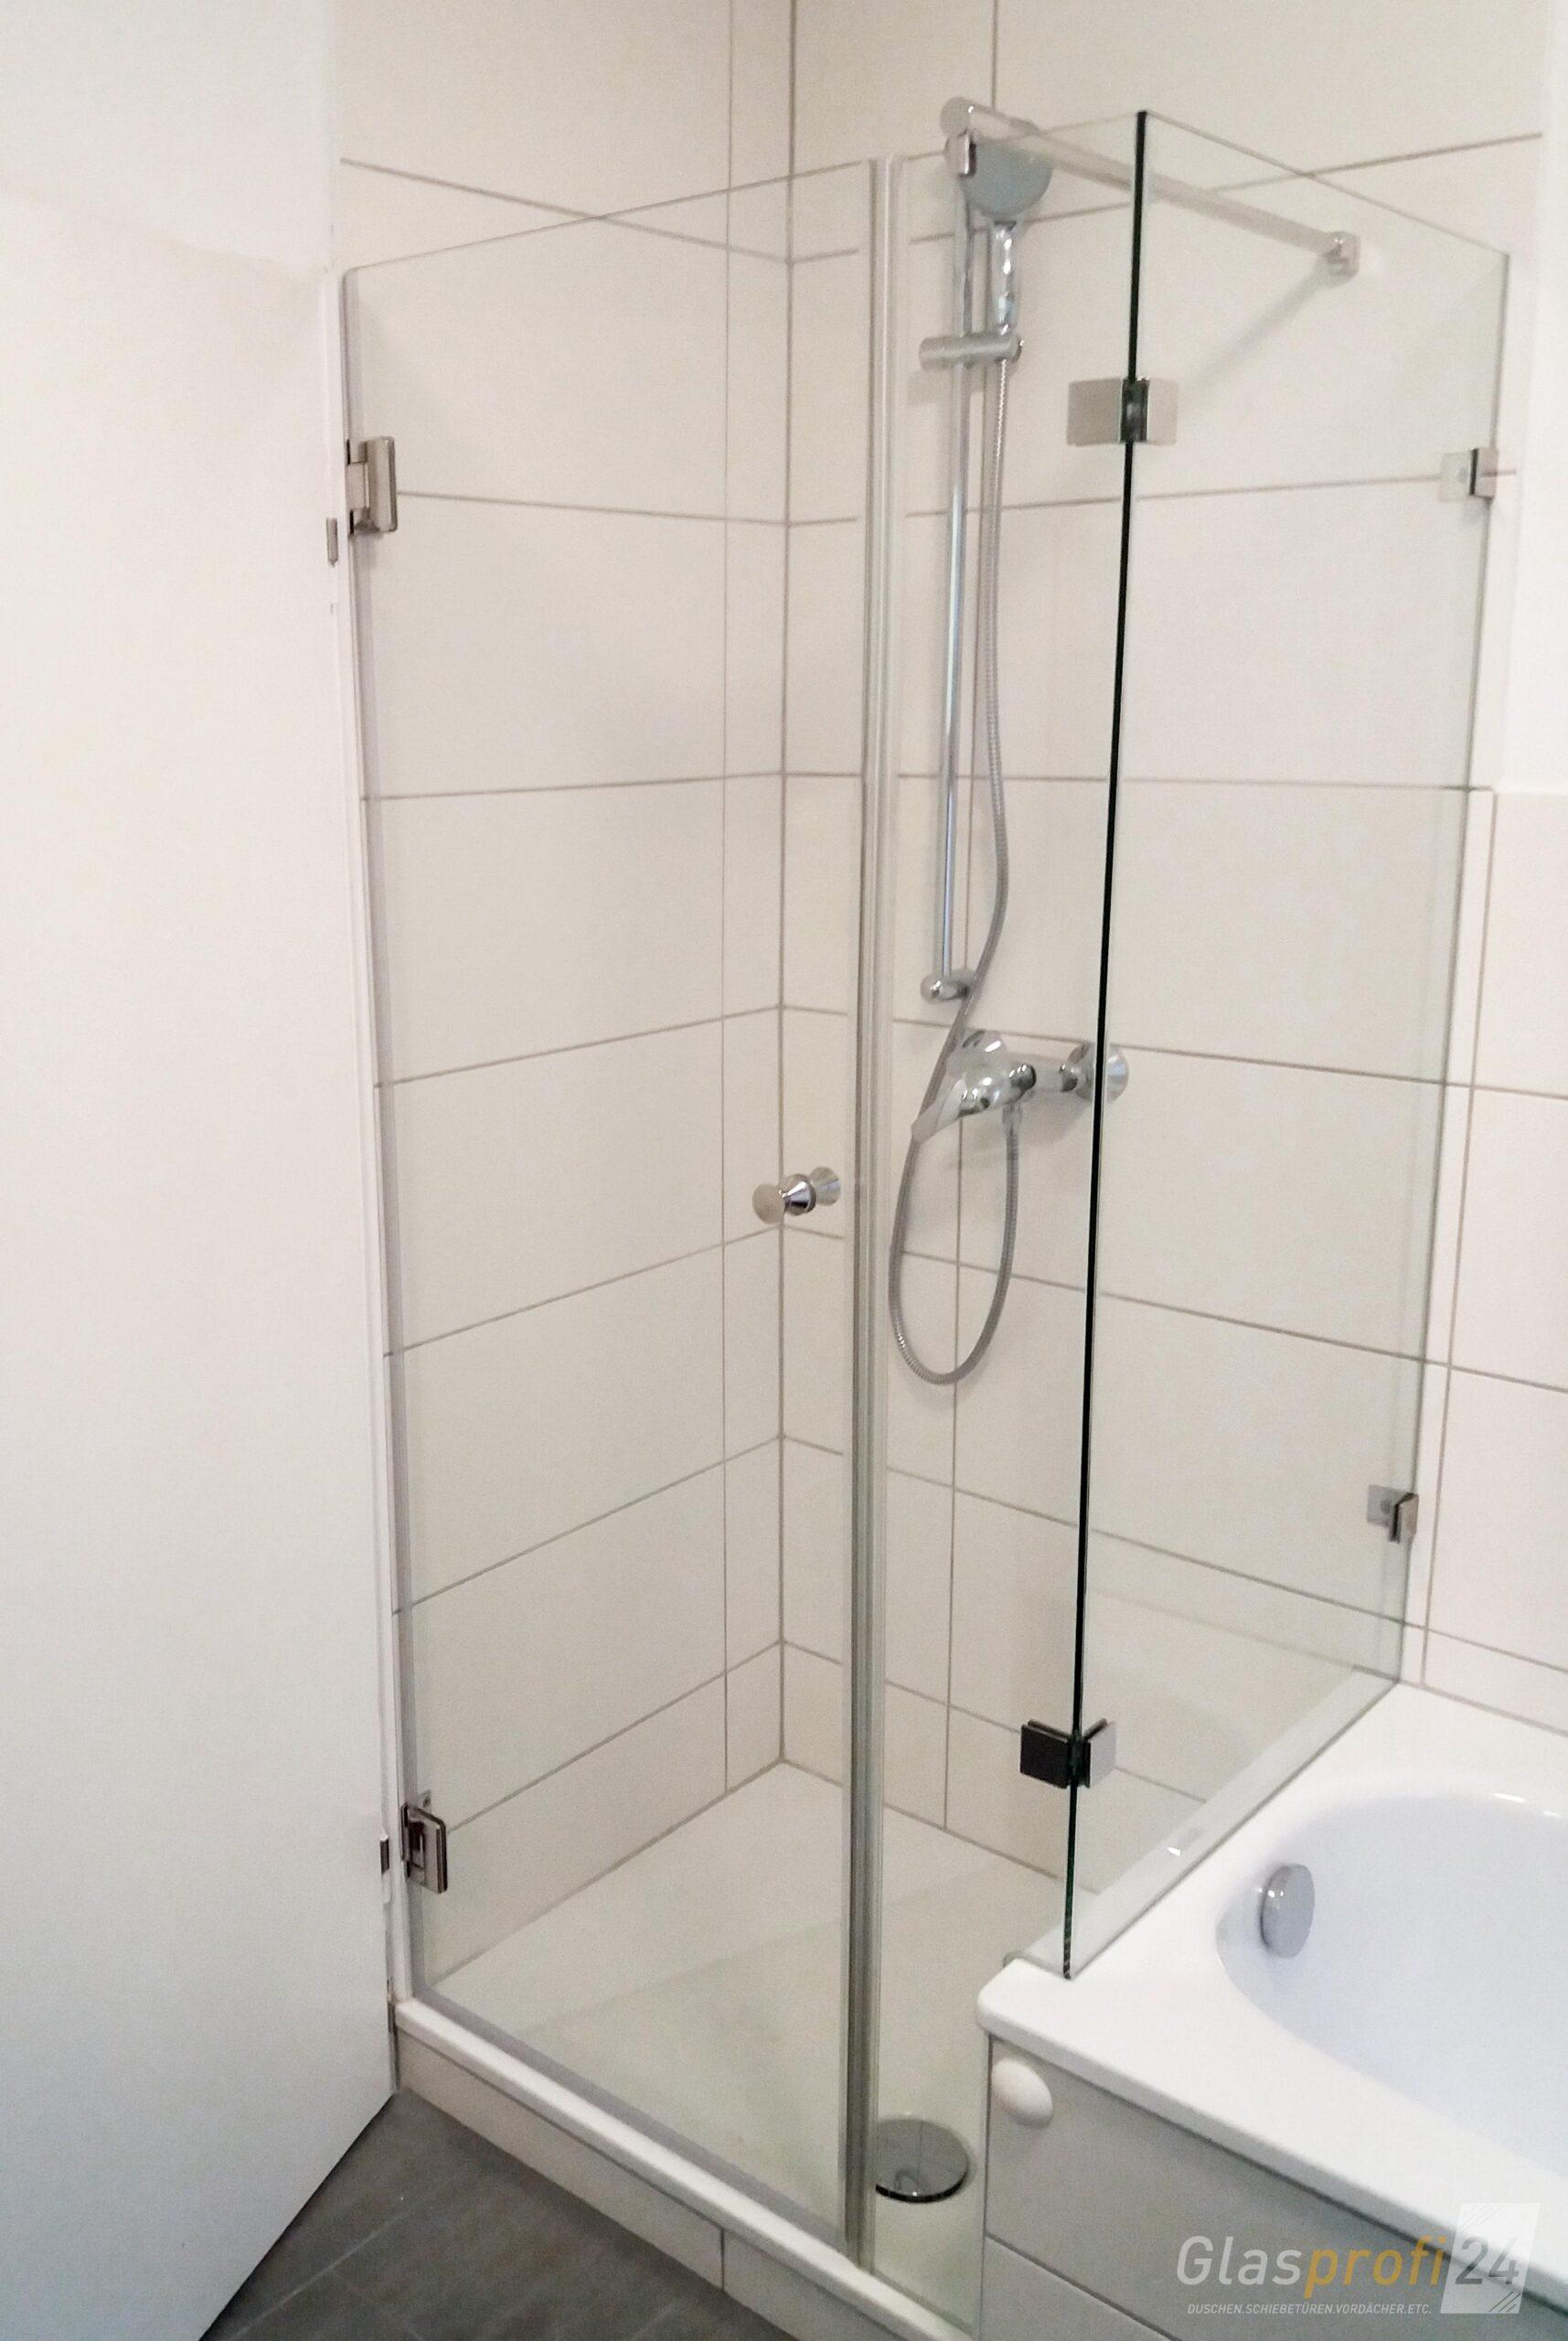 Full Size of Dusche An Badewanne Glasprofi24 Koralle Begehbare Ohne Tür Mischbatterie Schiebetür Bodengleiche Nachträglich Einbauen Glastrennwand Ebenerdige 90x90 Dusche Schiebetür Dusche